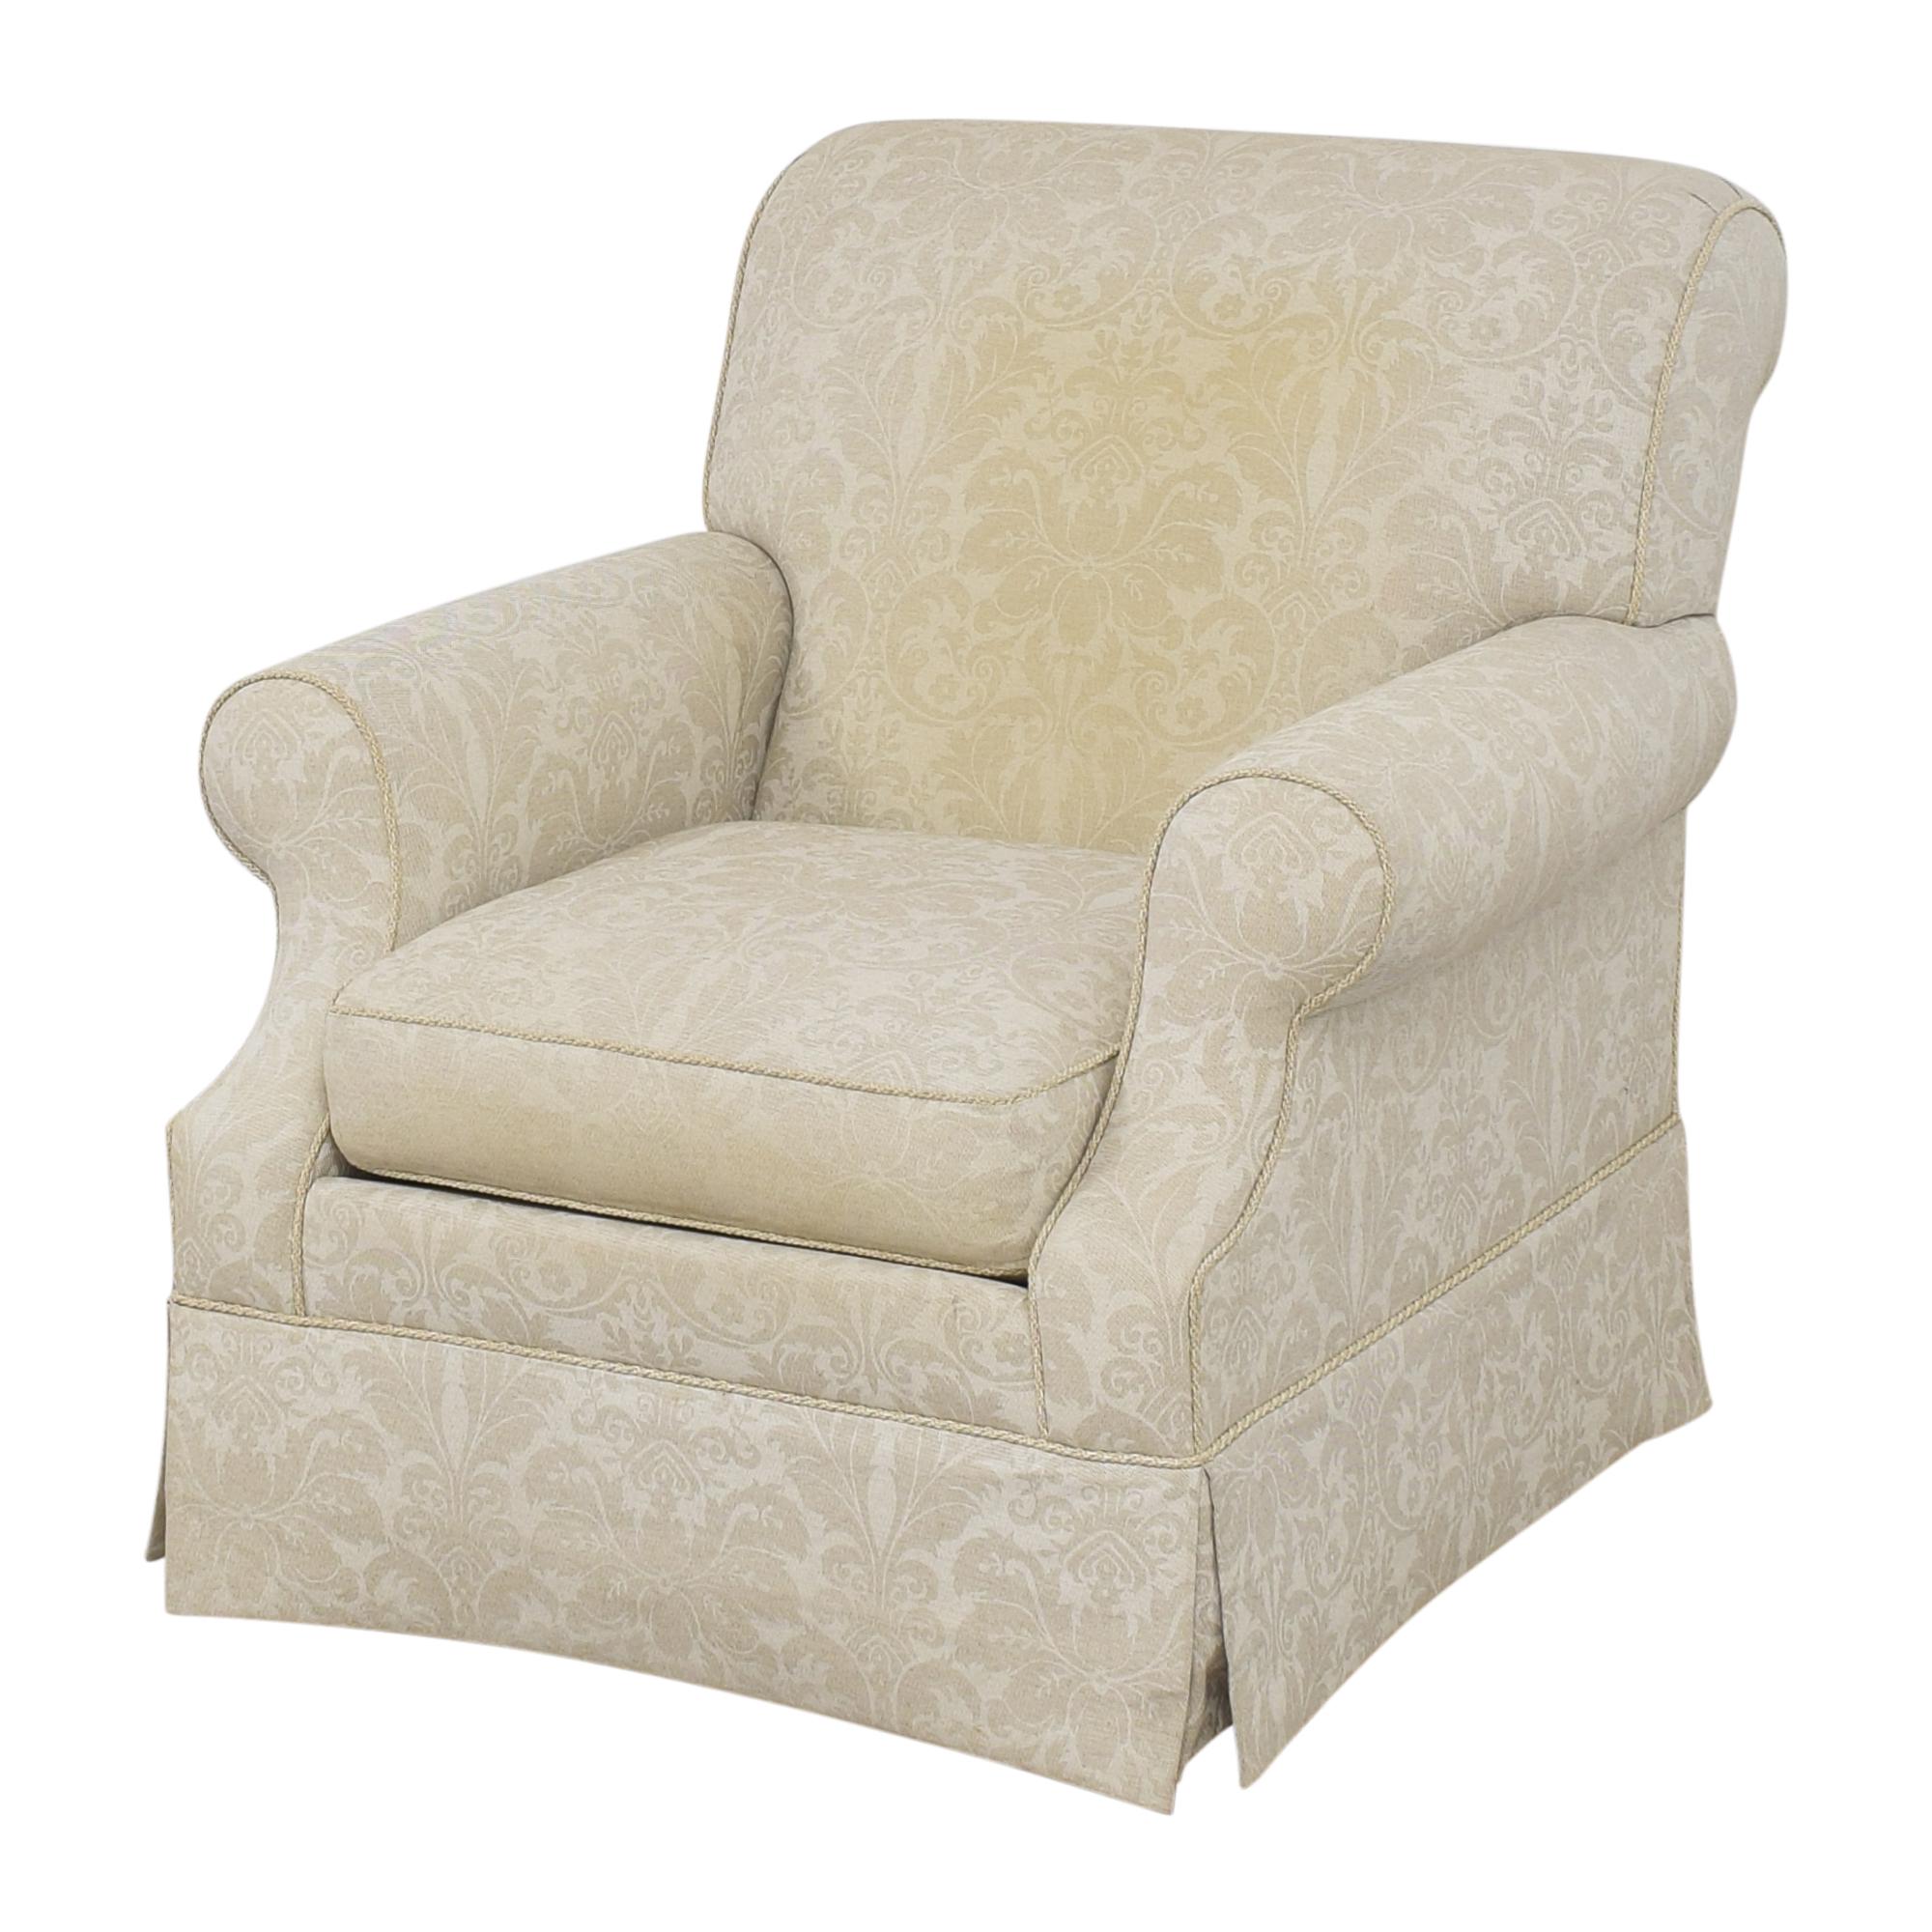 Ethan Allen Ethan Allen Damask Accent Chair pa